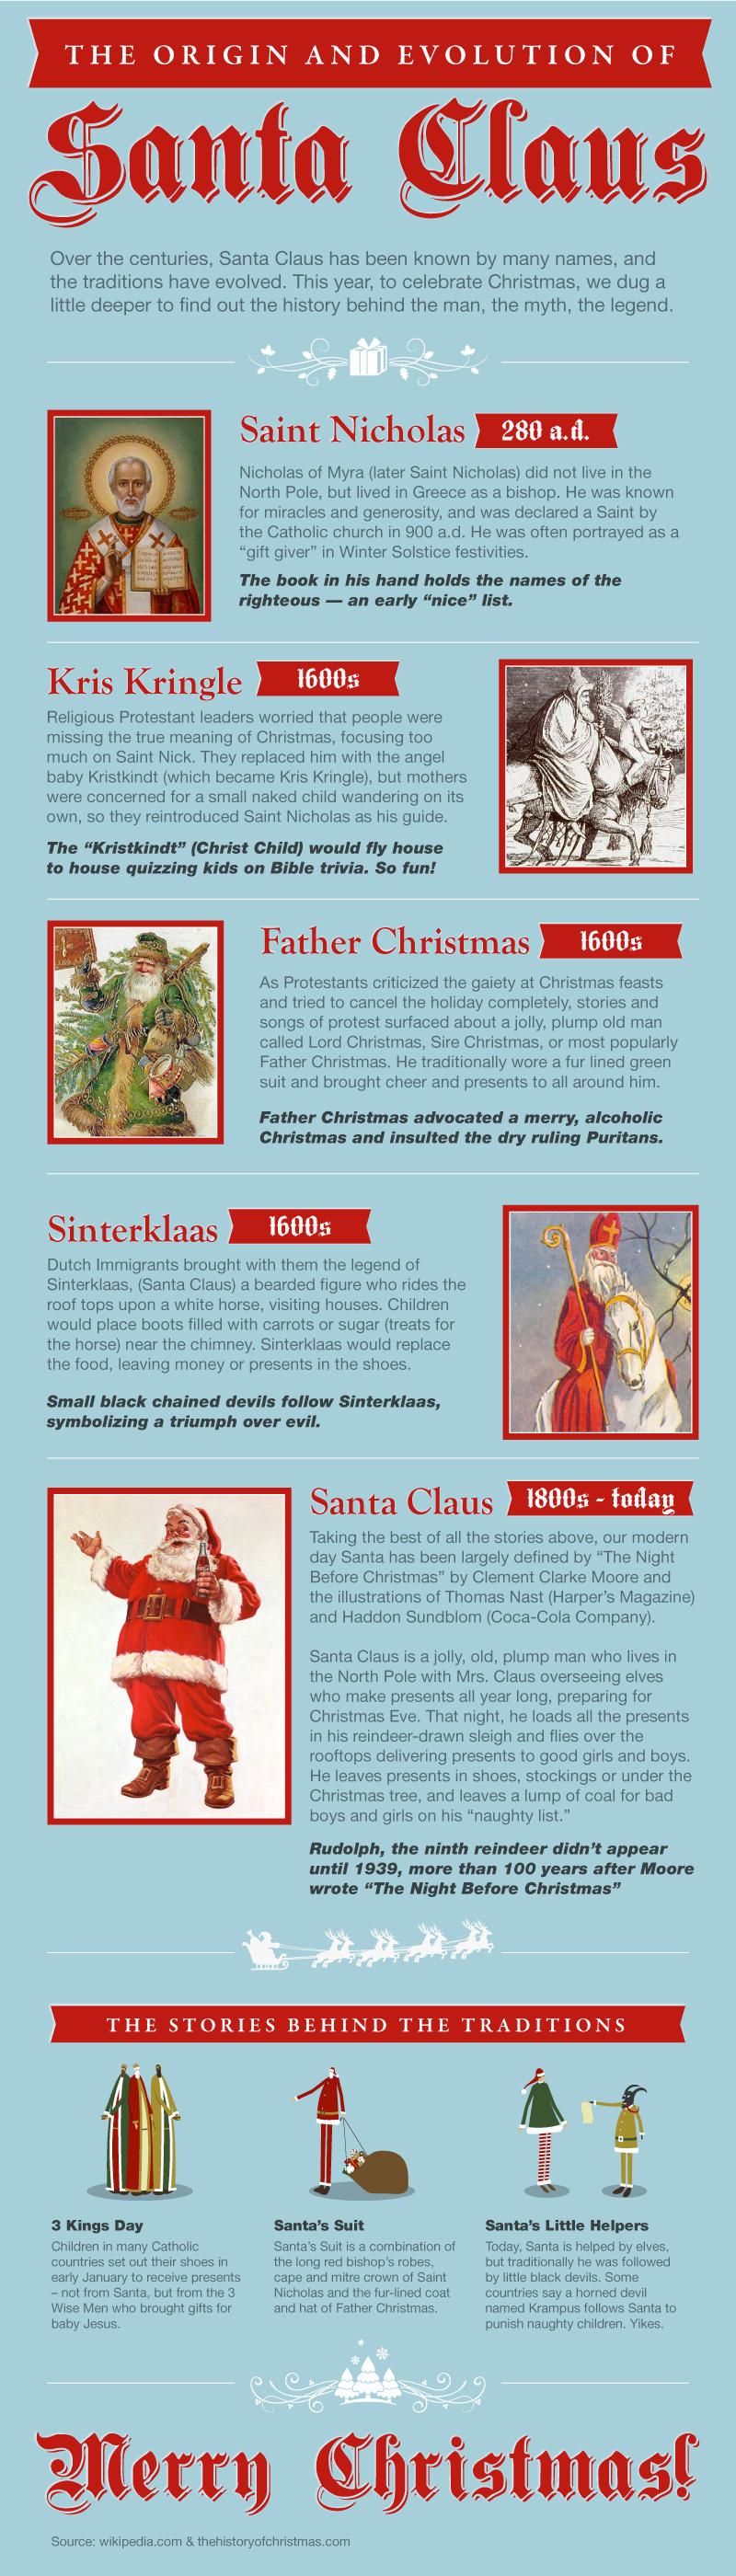 The Origin of Santa Claus